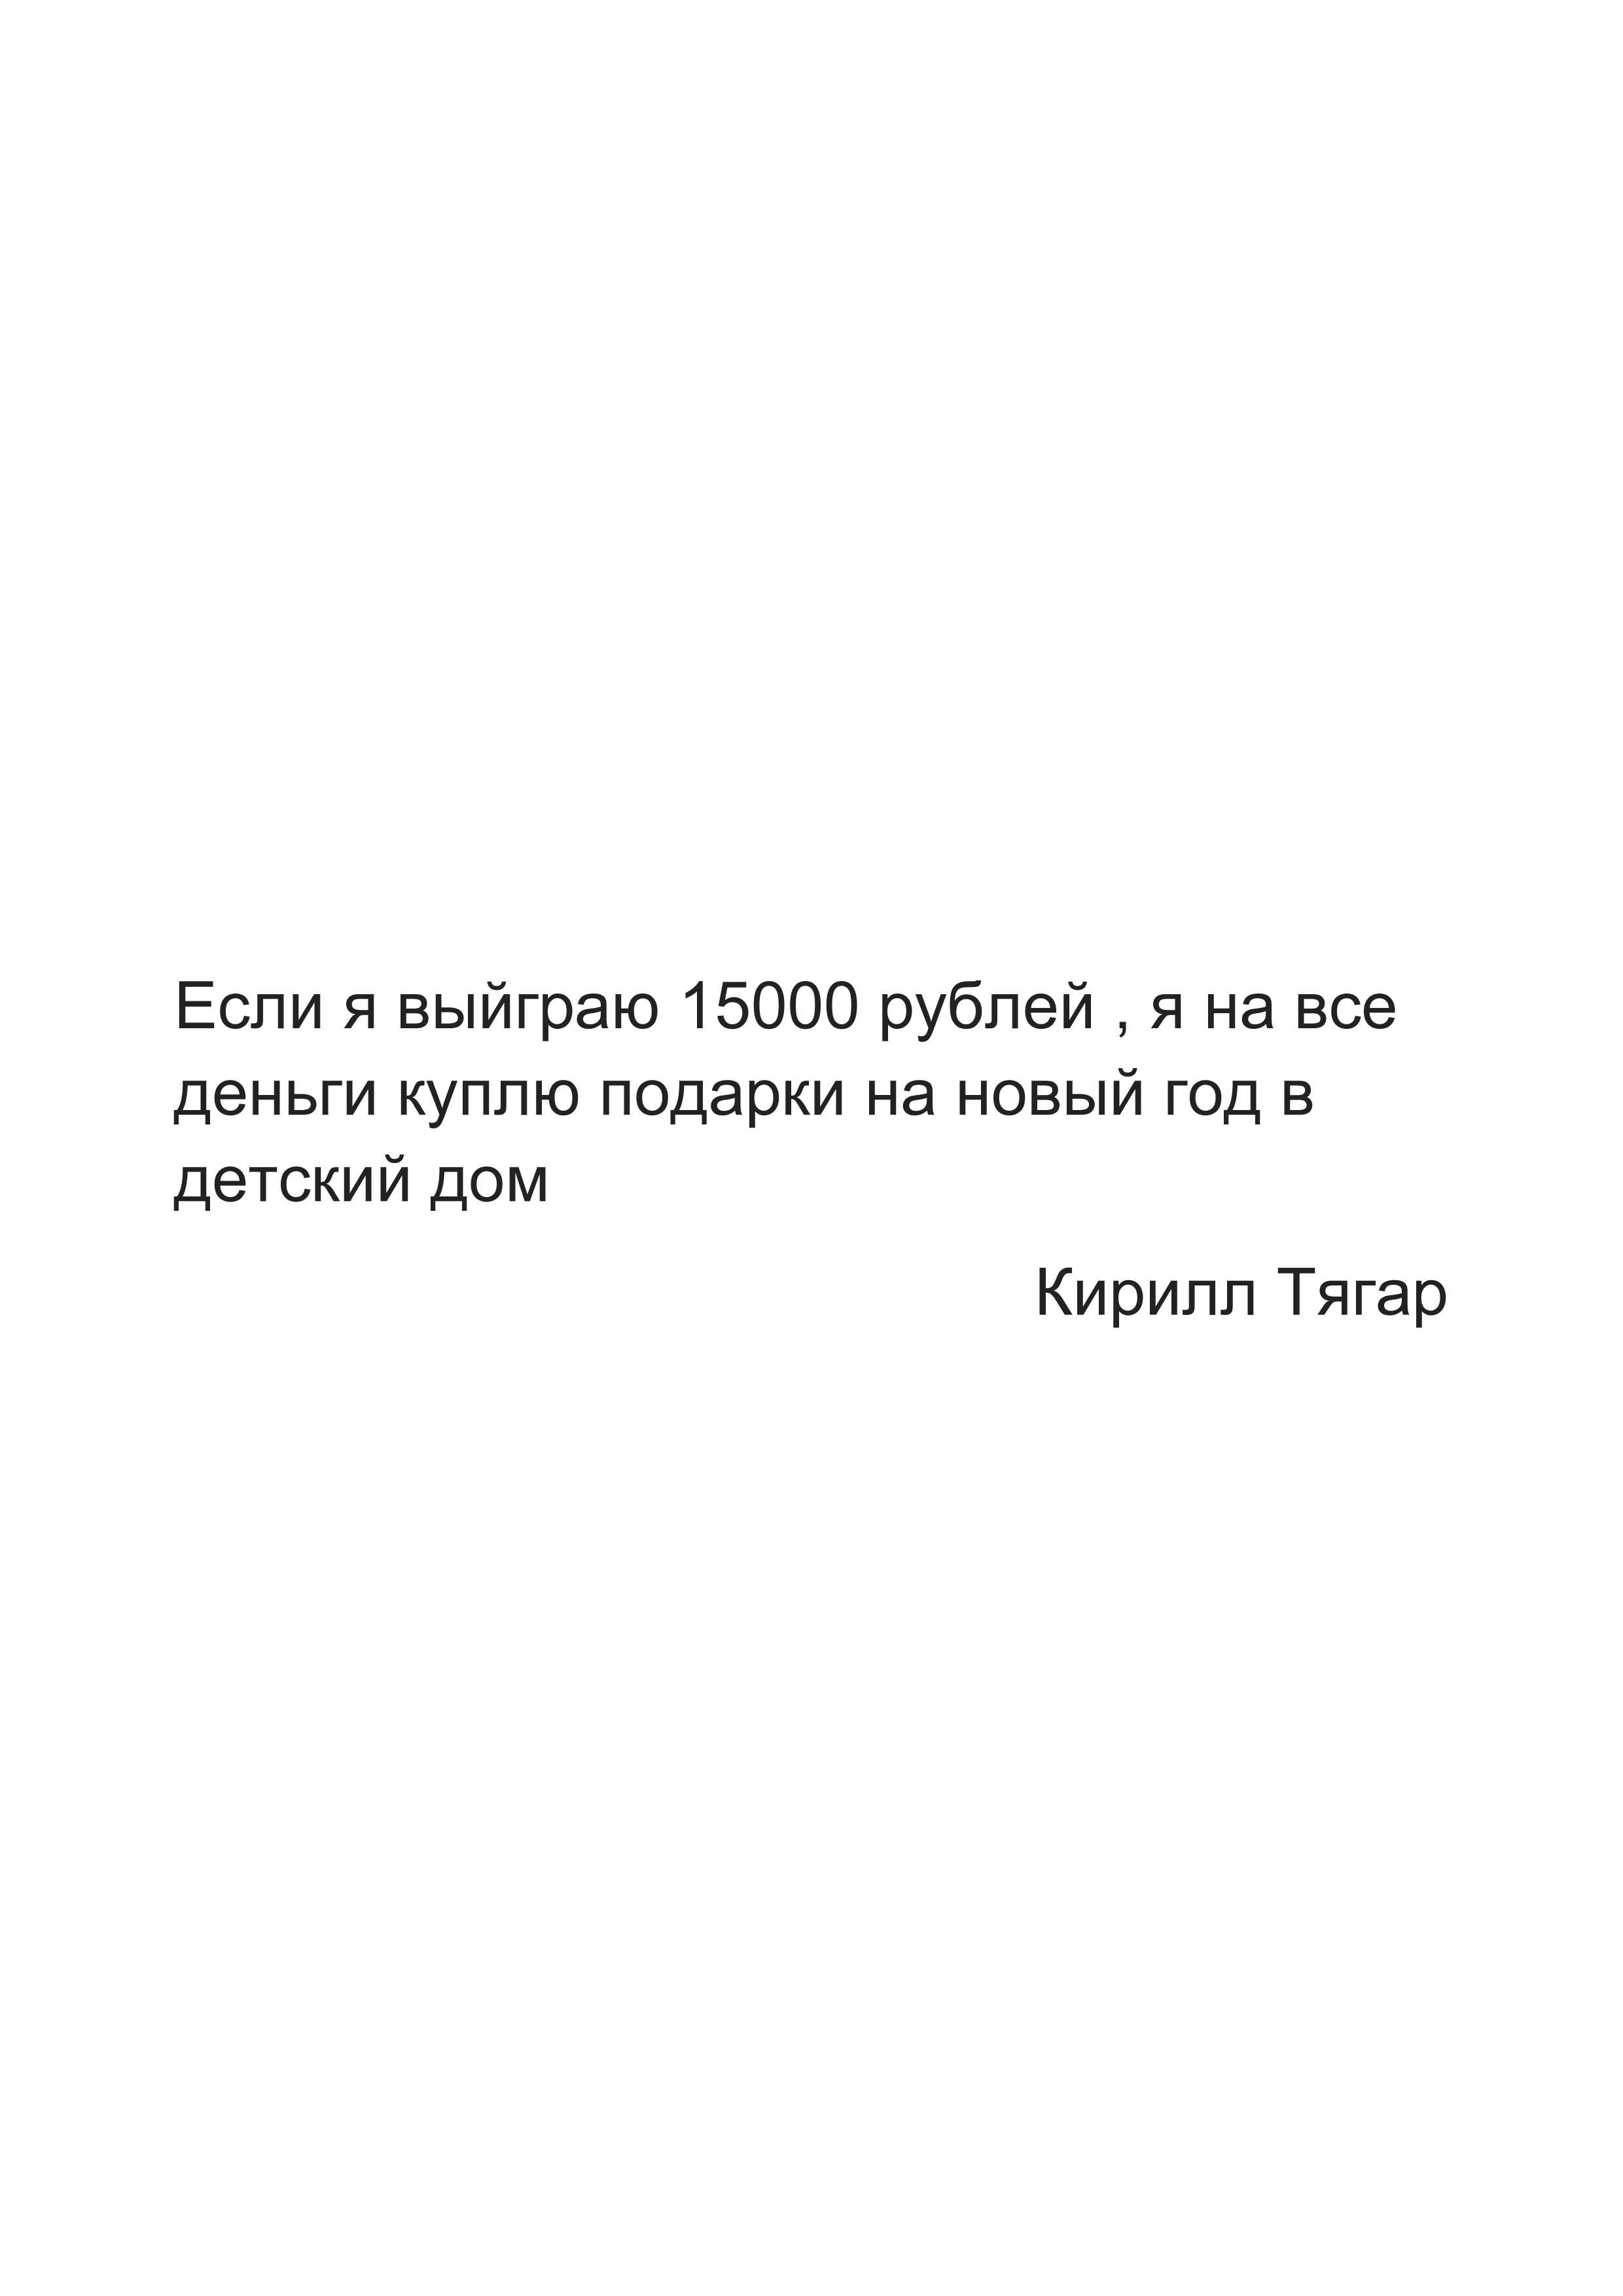 Кирилл Тягар